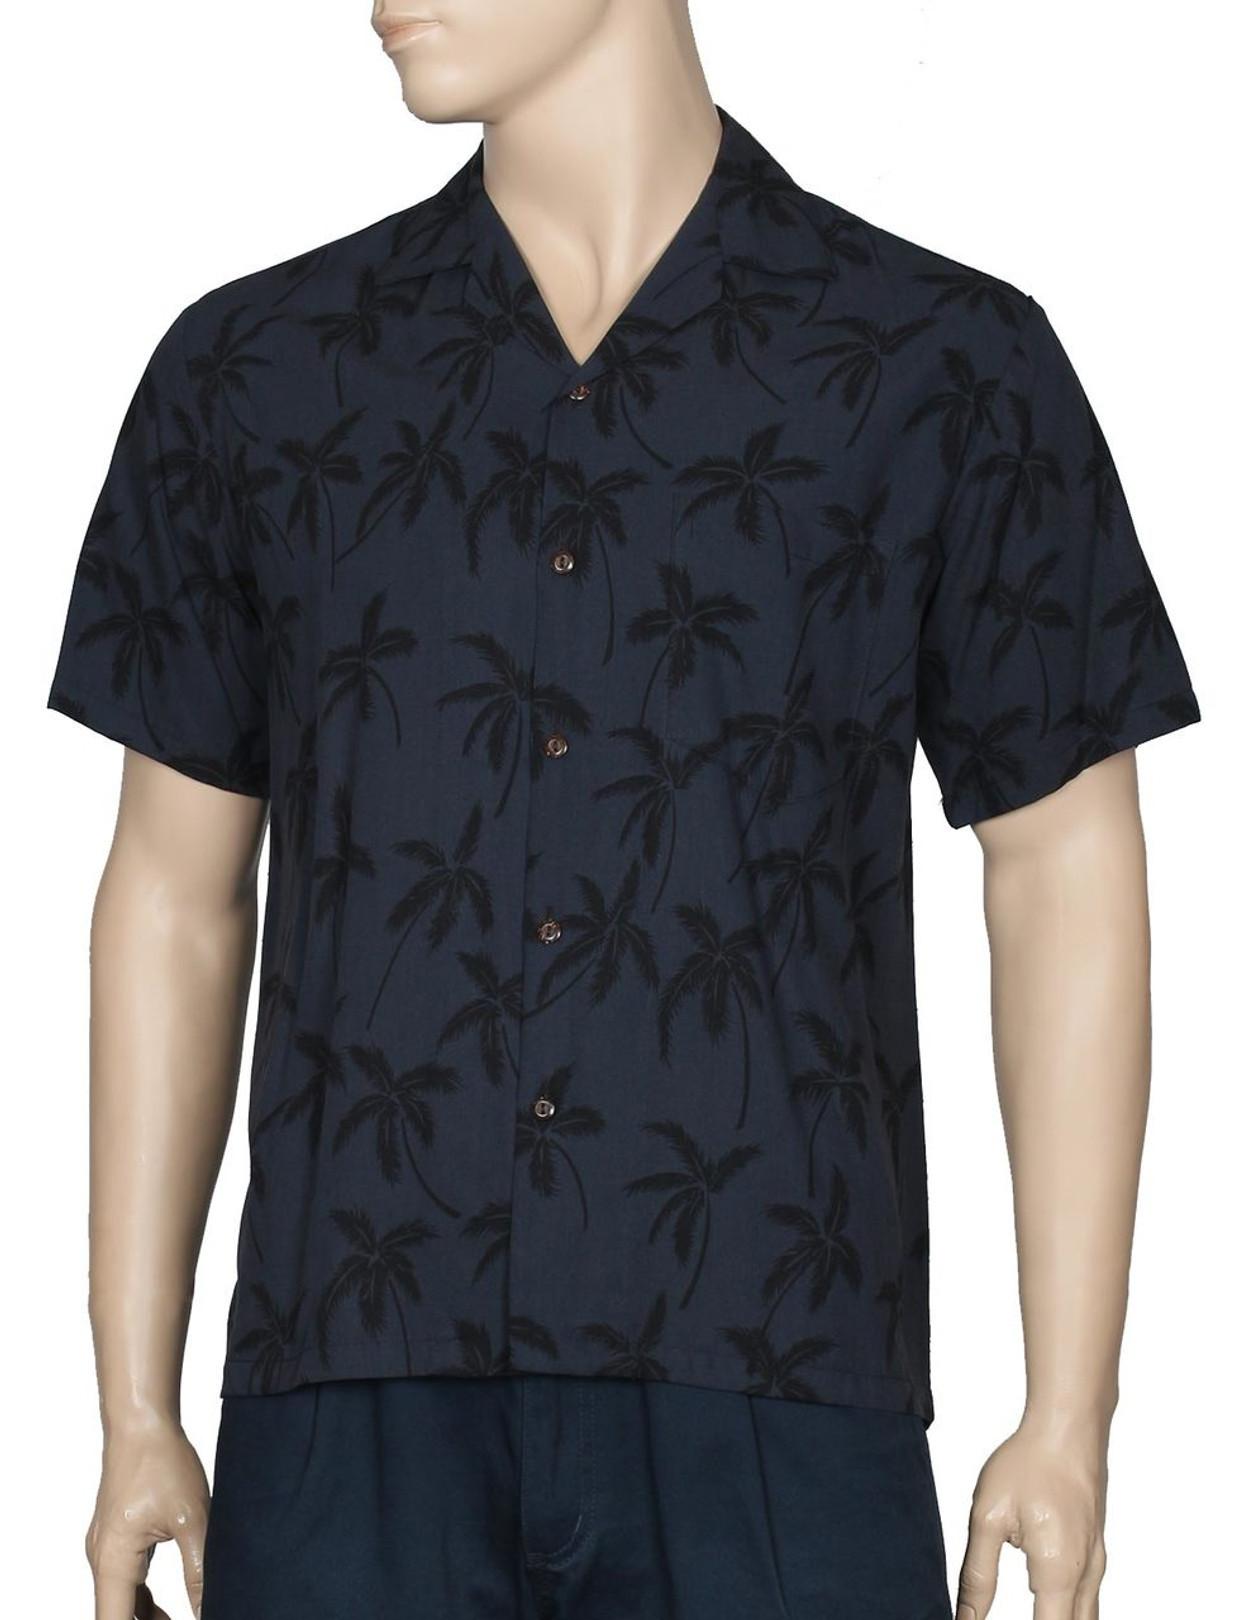 560dedb985 Aloha Palms Rayon Shirt for Men